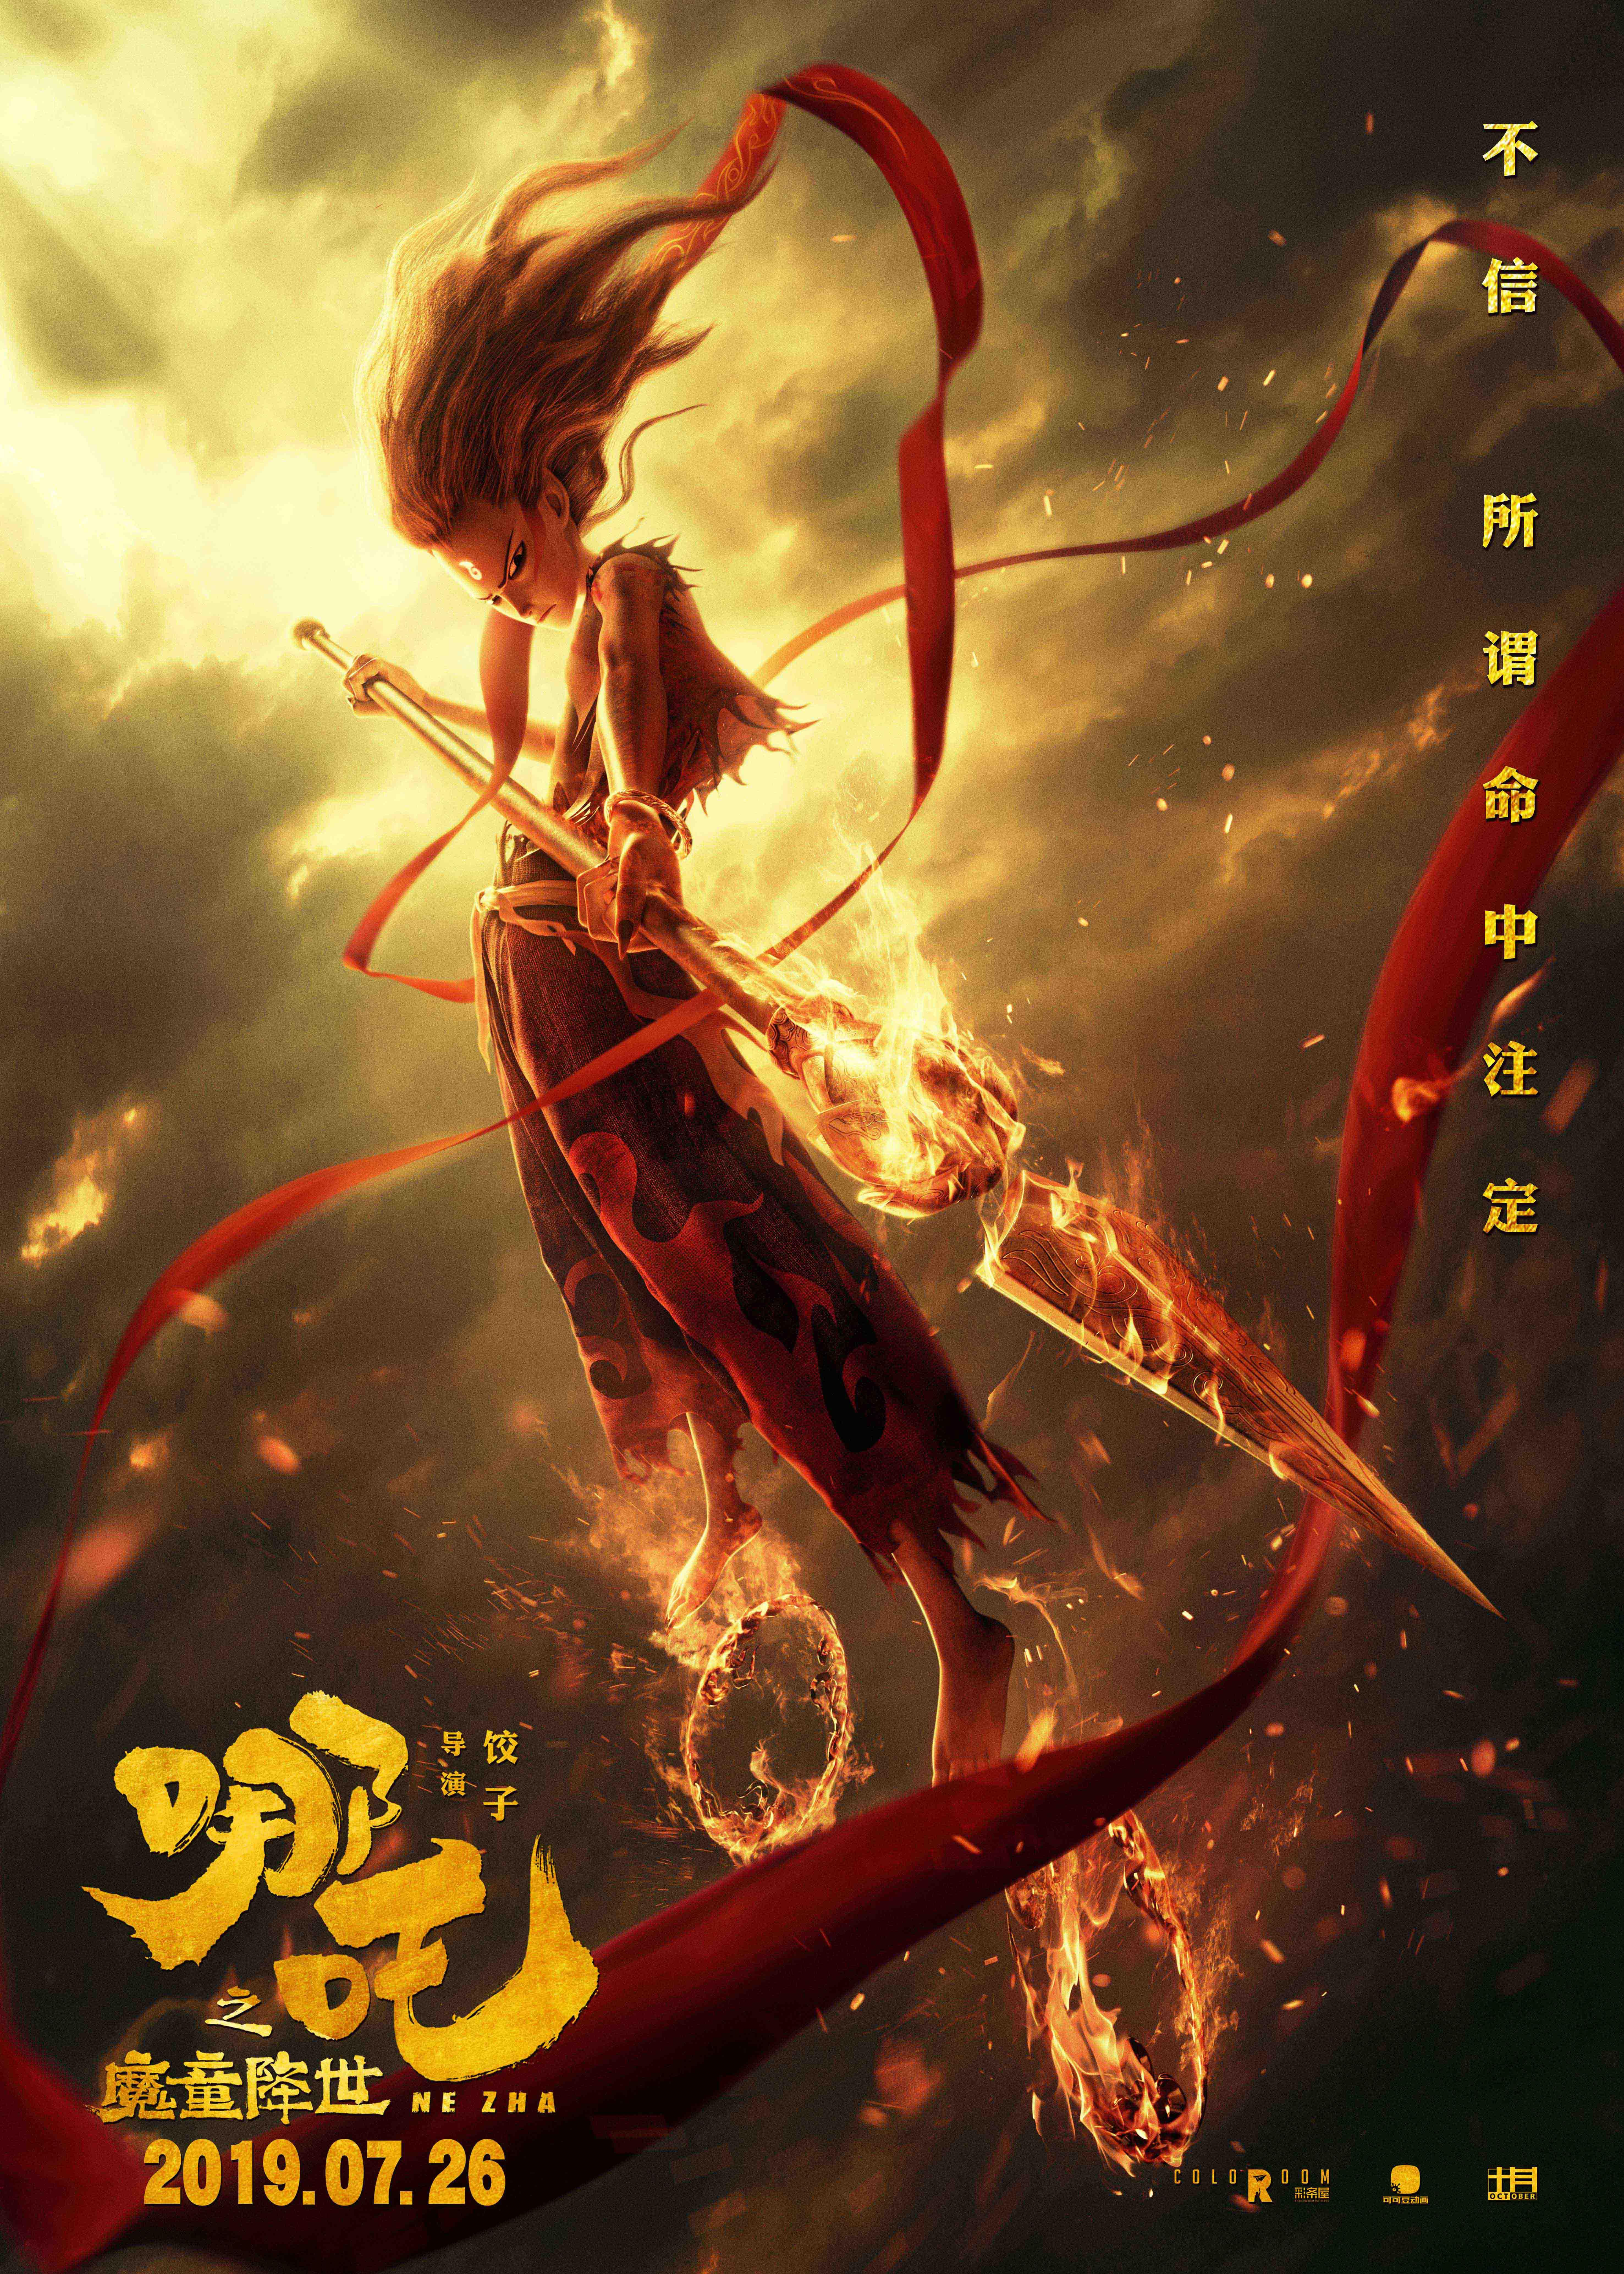 電影《哪吒之魔童降世》下載1080p.HD國語中字 哪吒之魔童降世BT下載